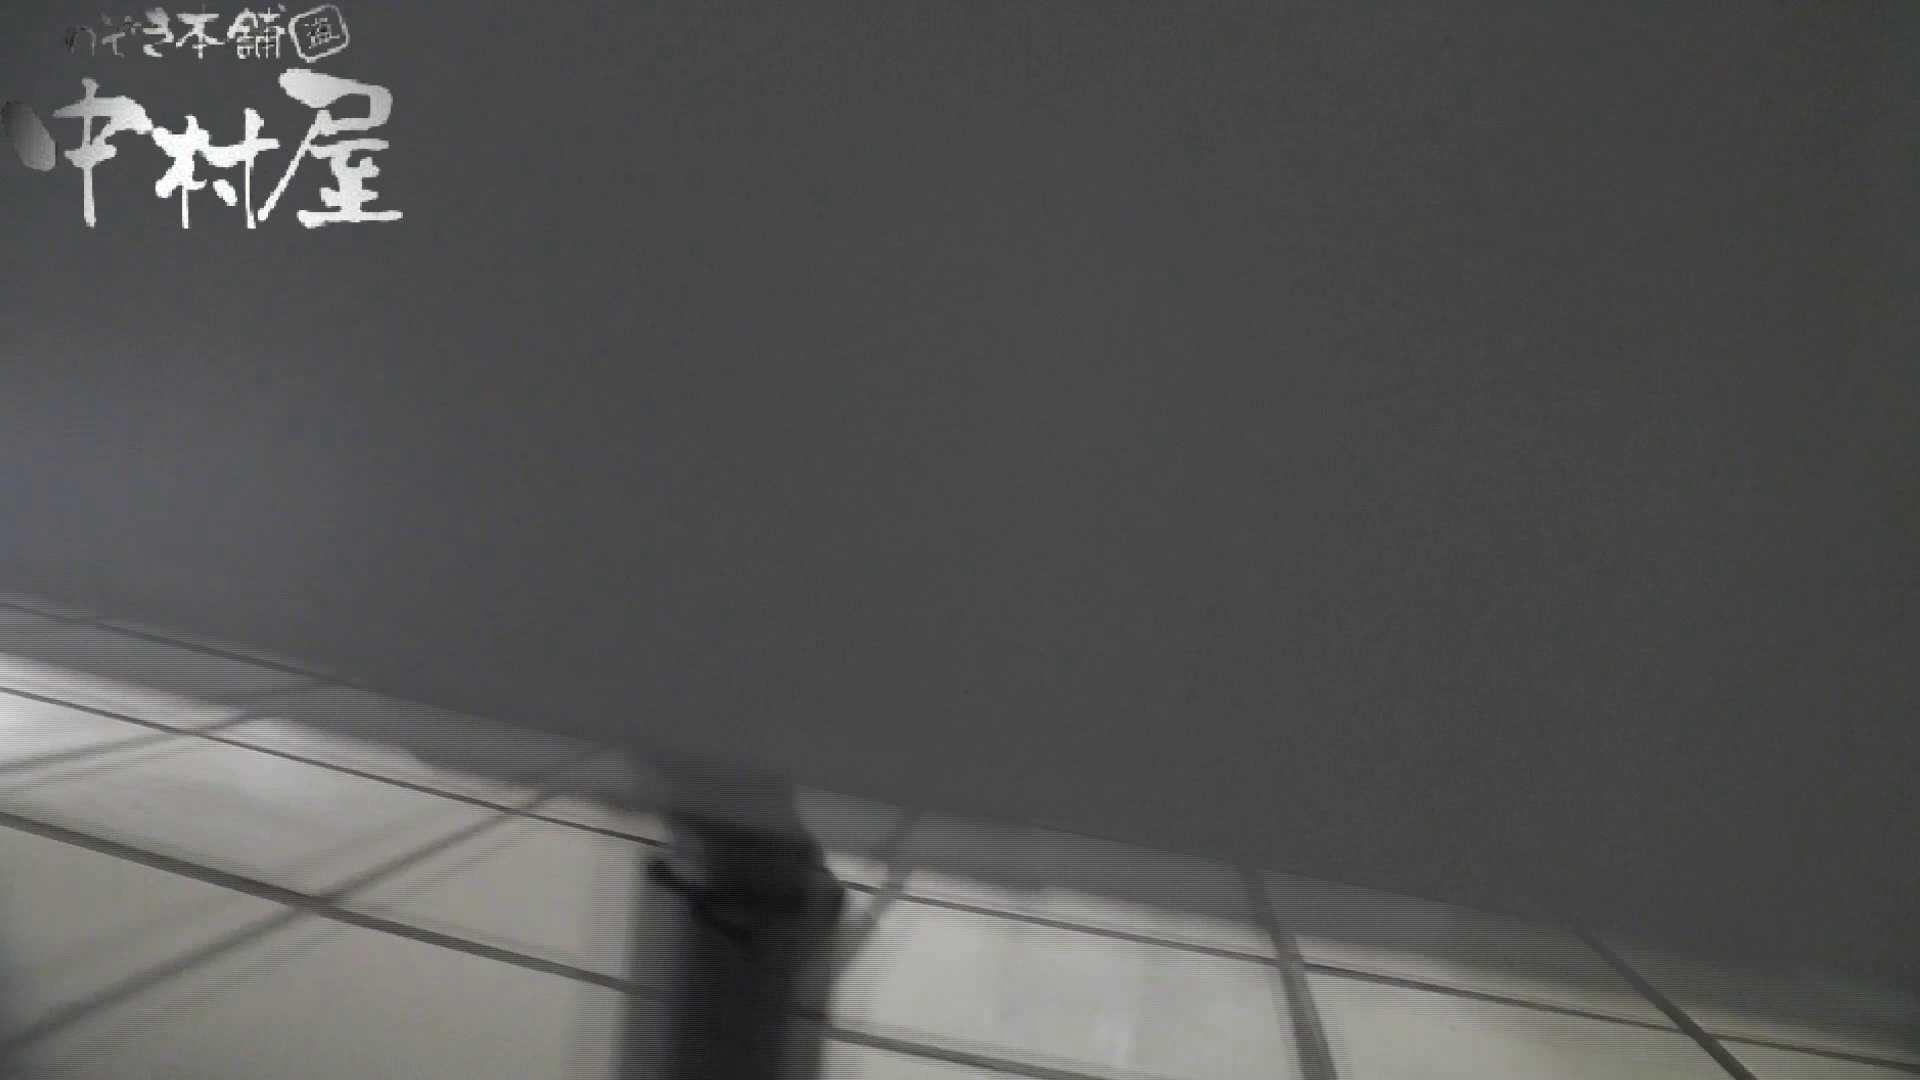 【美しい日本の未来】美しい日本の未来 No.41 反射を利用して、斬新な絶景が開かれた!! ガールの盗撮 盗み撮り動画 73枚